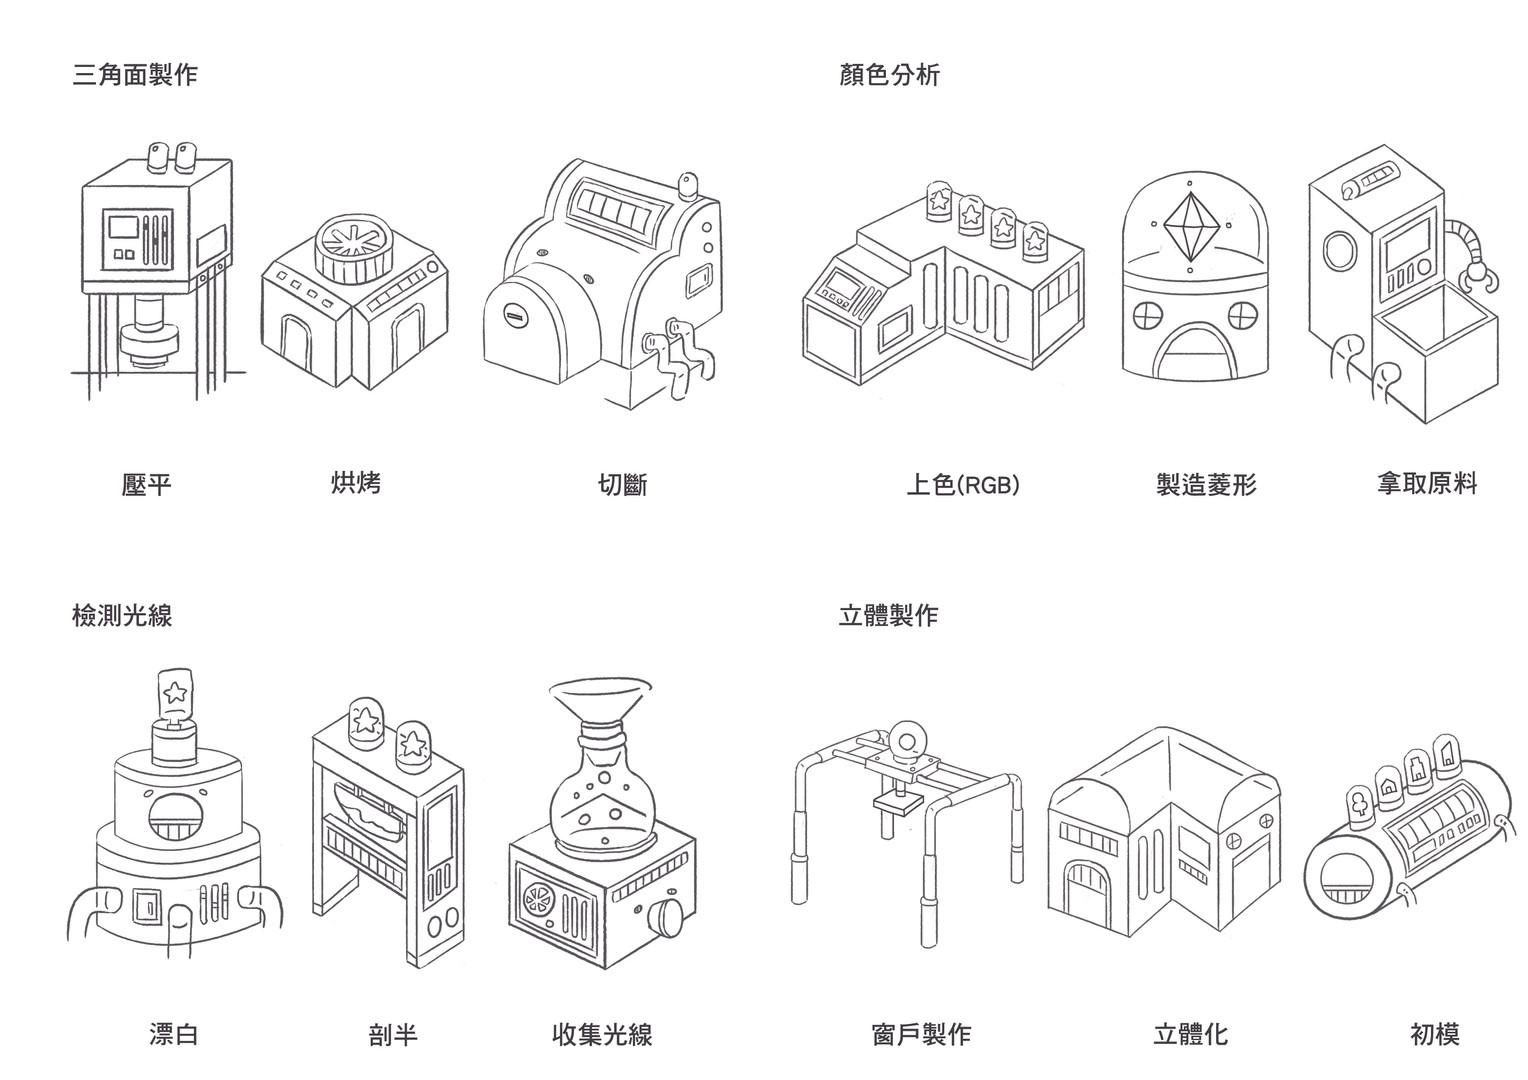 工廠草圖.jpg